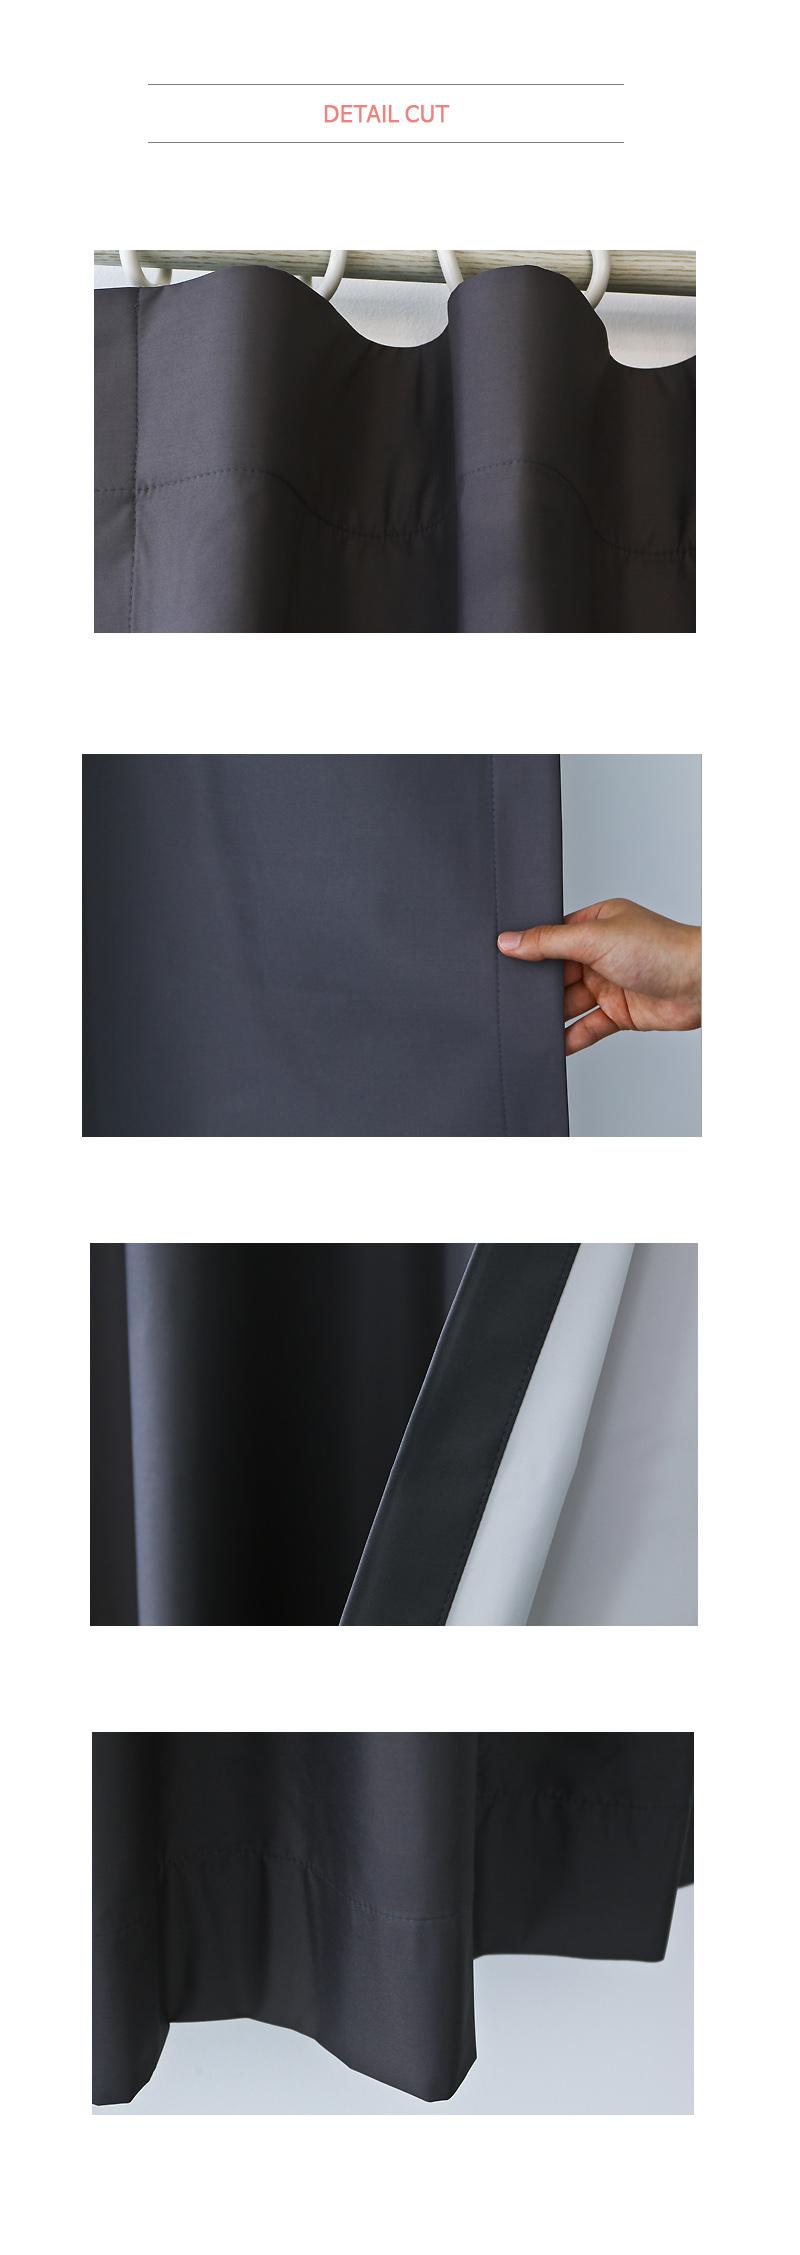 주문제작커튼)폰앤엘사 도브 암막커튼 거실암막커튼 - 패브릭포커스, 23,760원, 일반커튼, 패턴